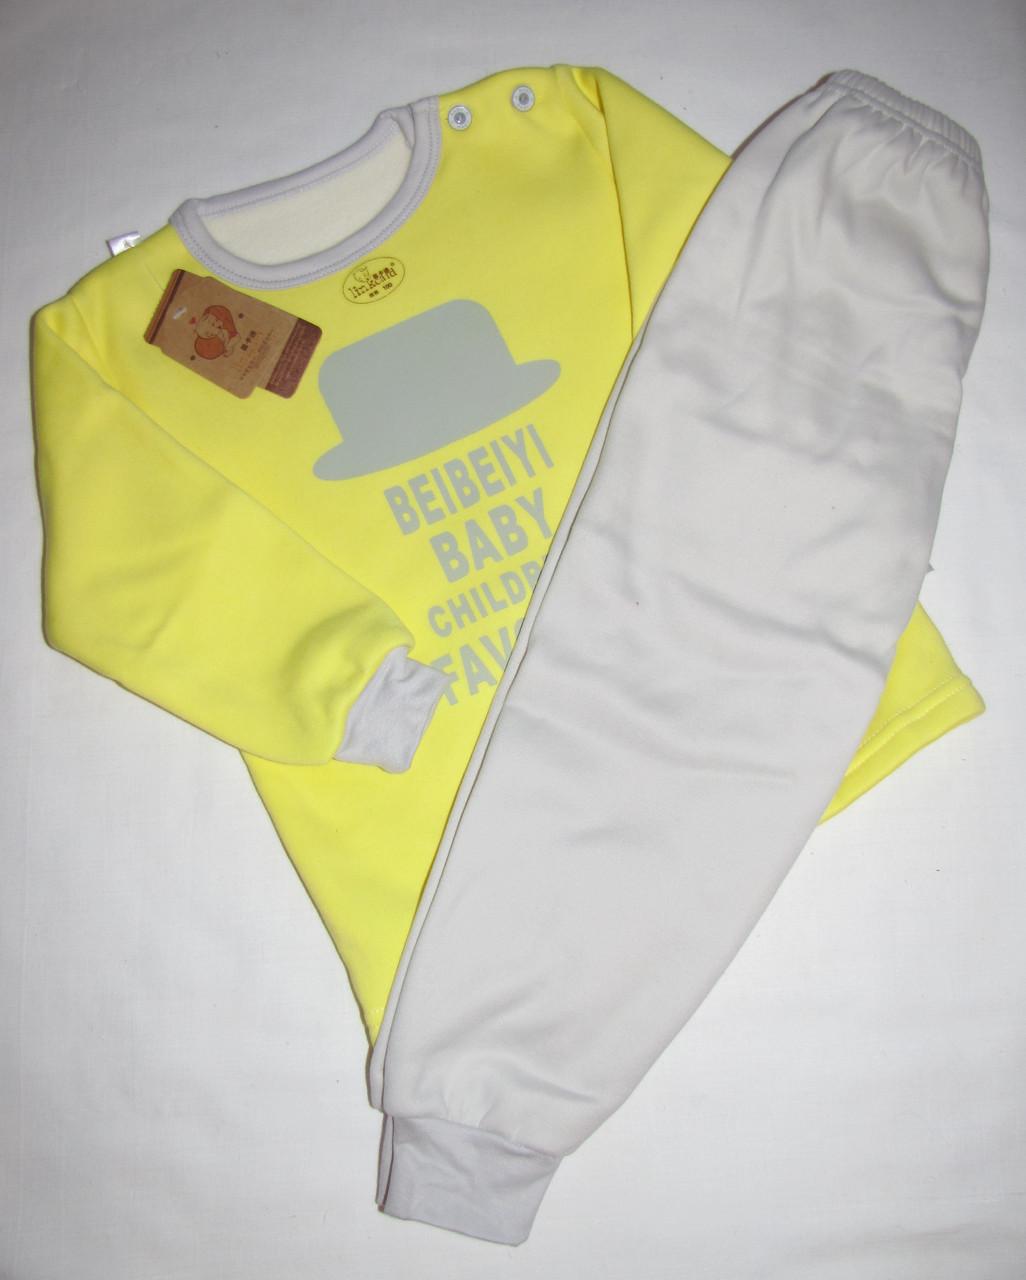 Пижама теплая футболка с длинными рукавами и штаны Linkcard Шляпа рост 100 см желтая+серая 06160